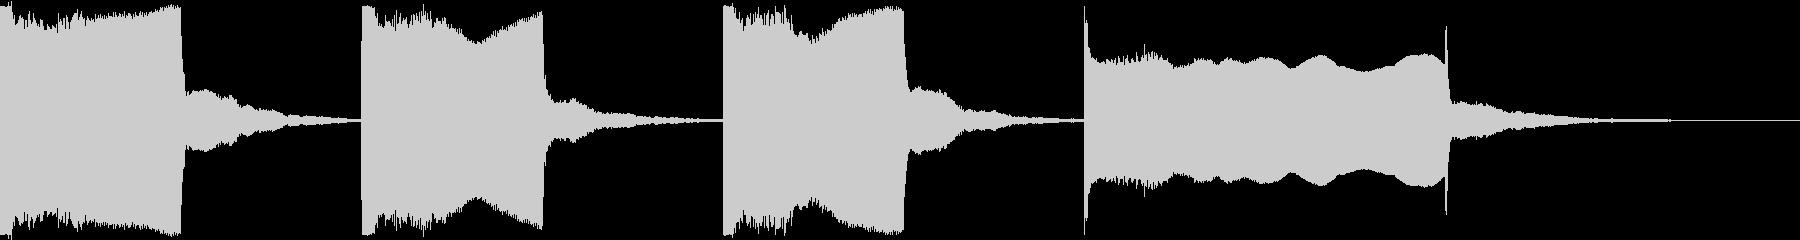 スタート合図音 カウントダウンの未再生の波形